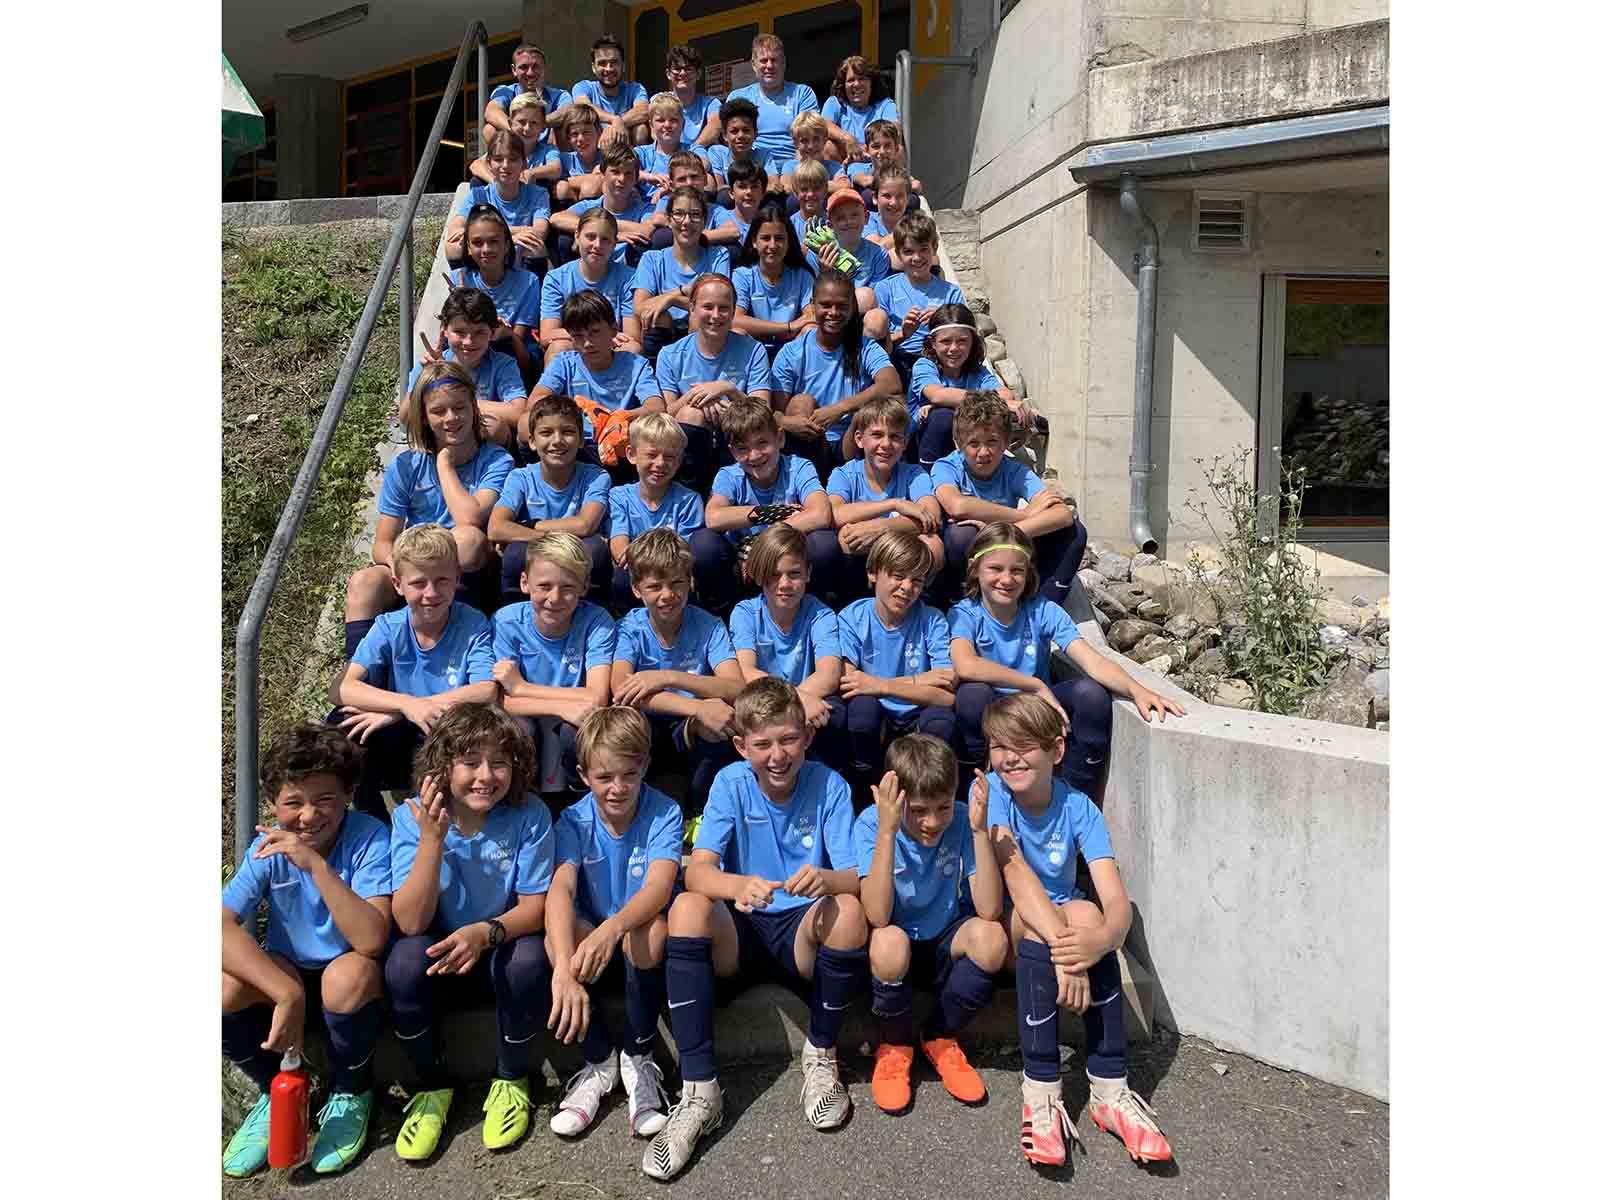 Kein Sommerlager ohne legendäres Gruppenfoto: Die Junior*innen des SVH in Lenk.